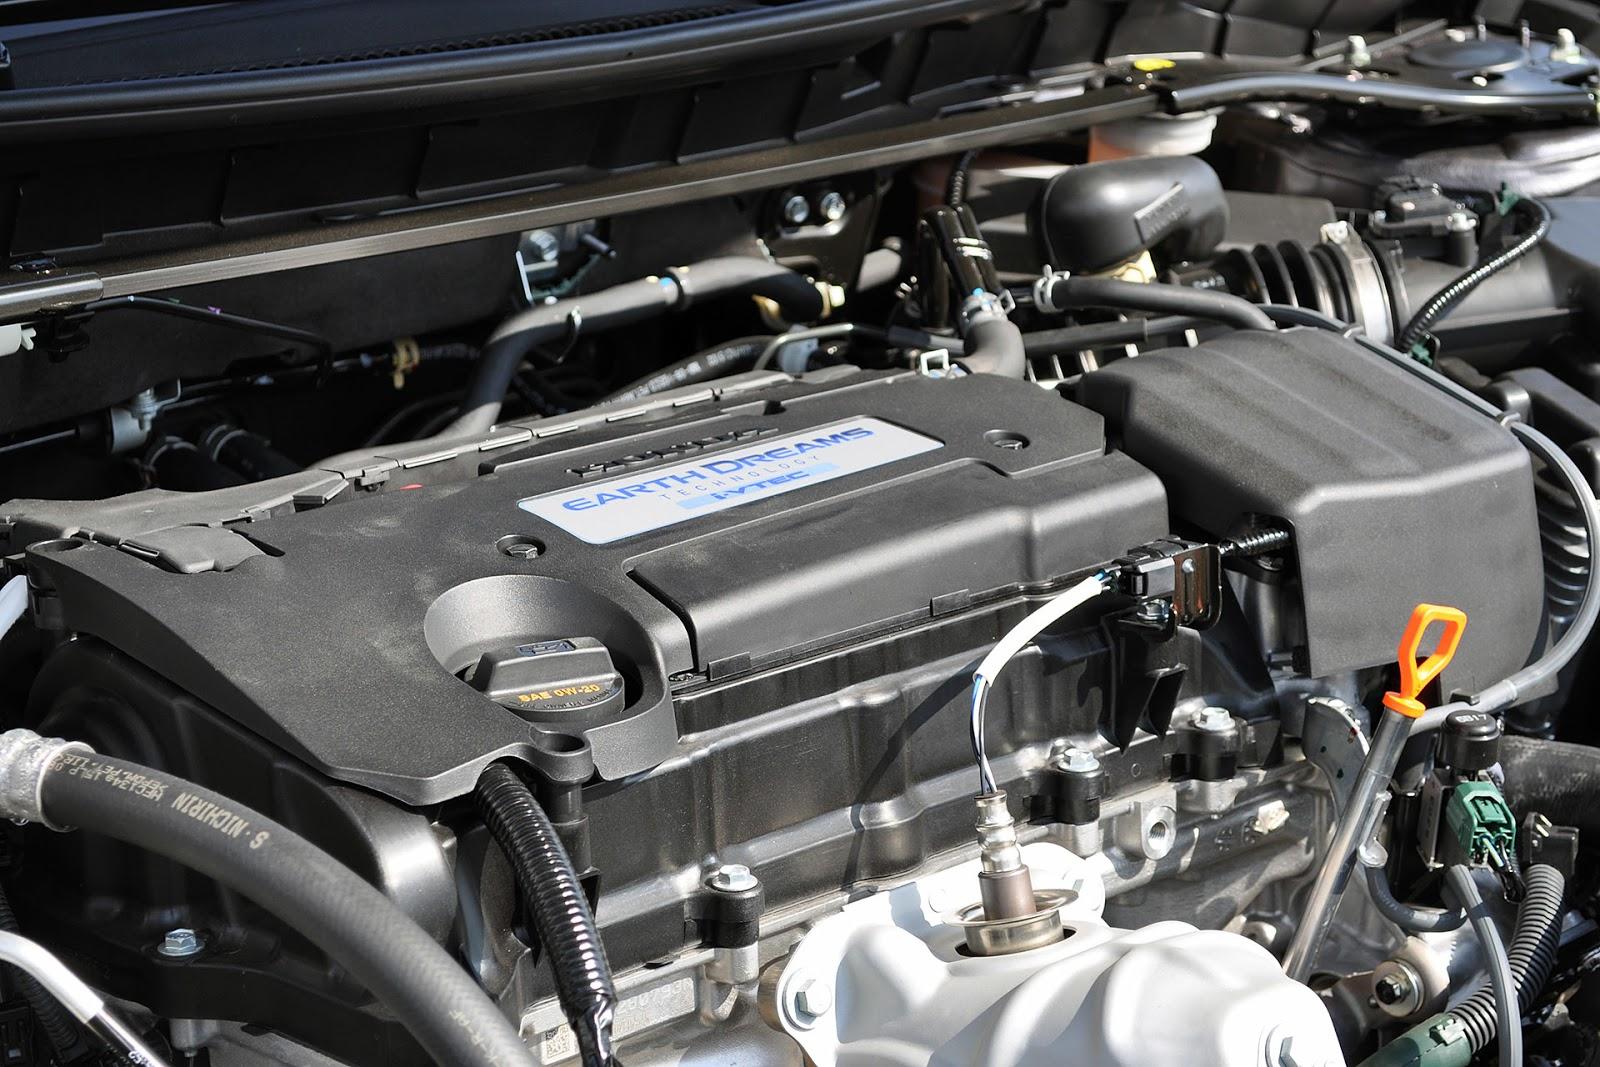 Đánh giá xe Honda Accord 2016 - Chưa đáp ứng kỳ vọng